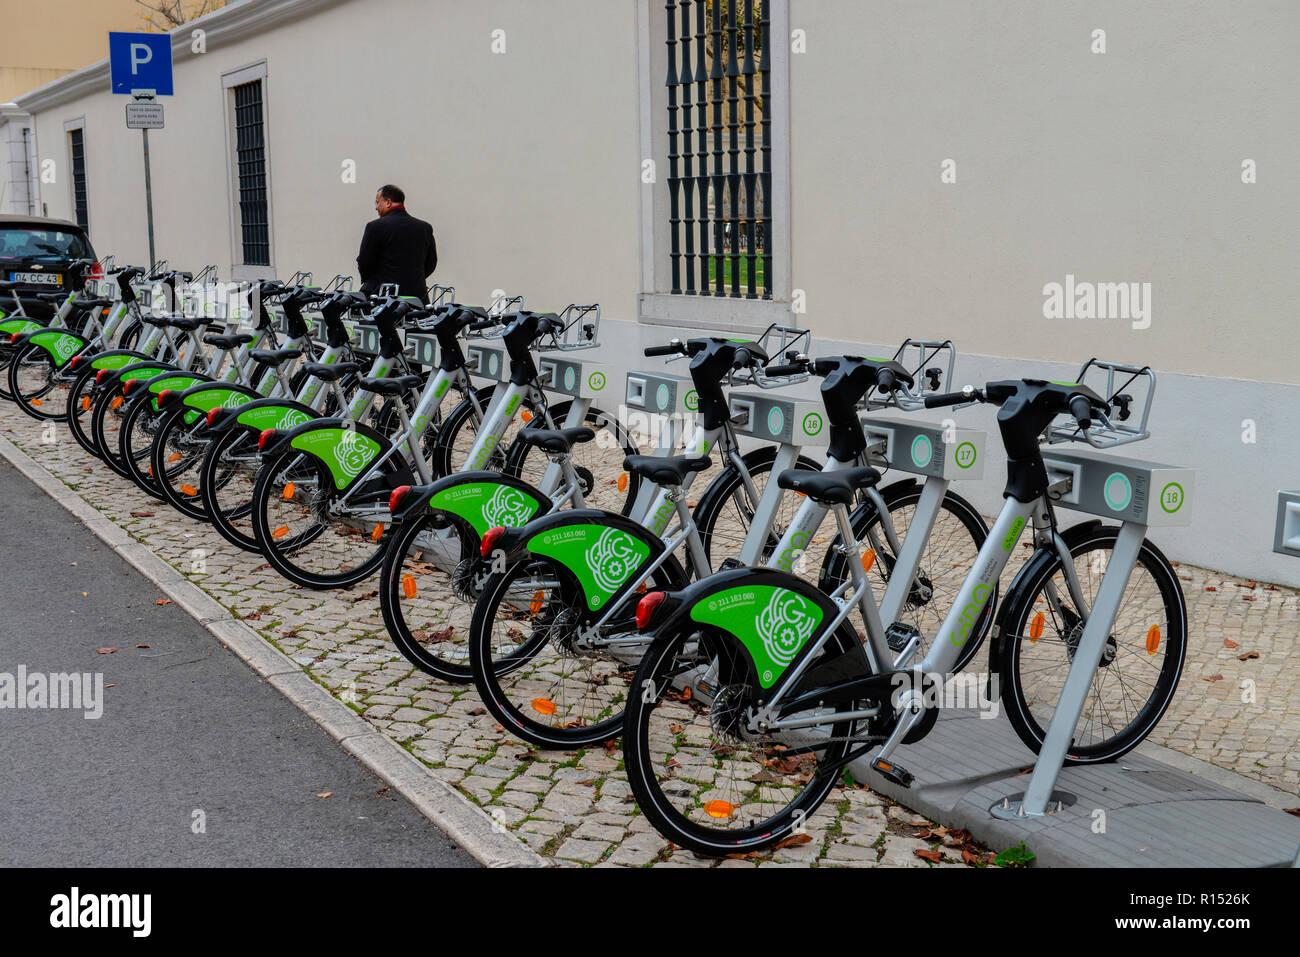 Leihfahrraeder Gira - Bicicletas de Lisboa, Lissabon, Portugal - Stock Image